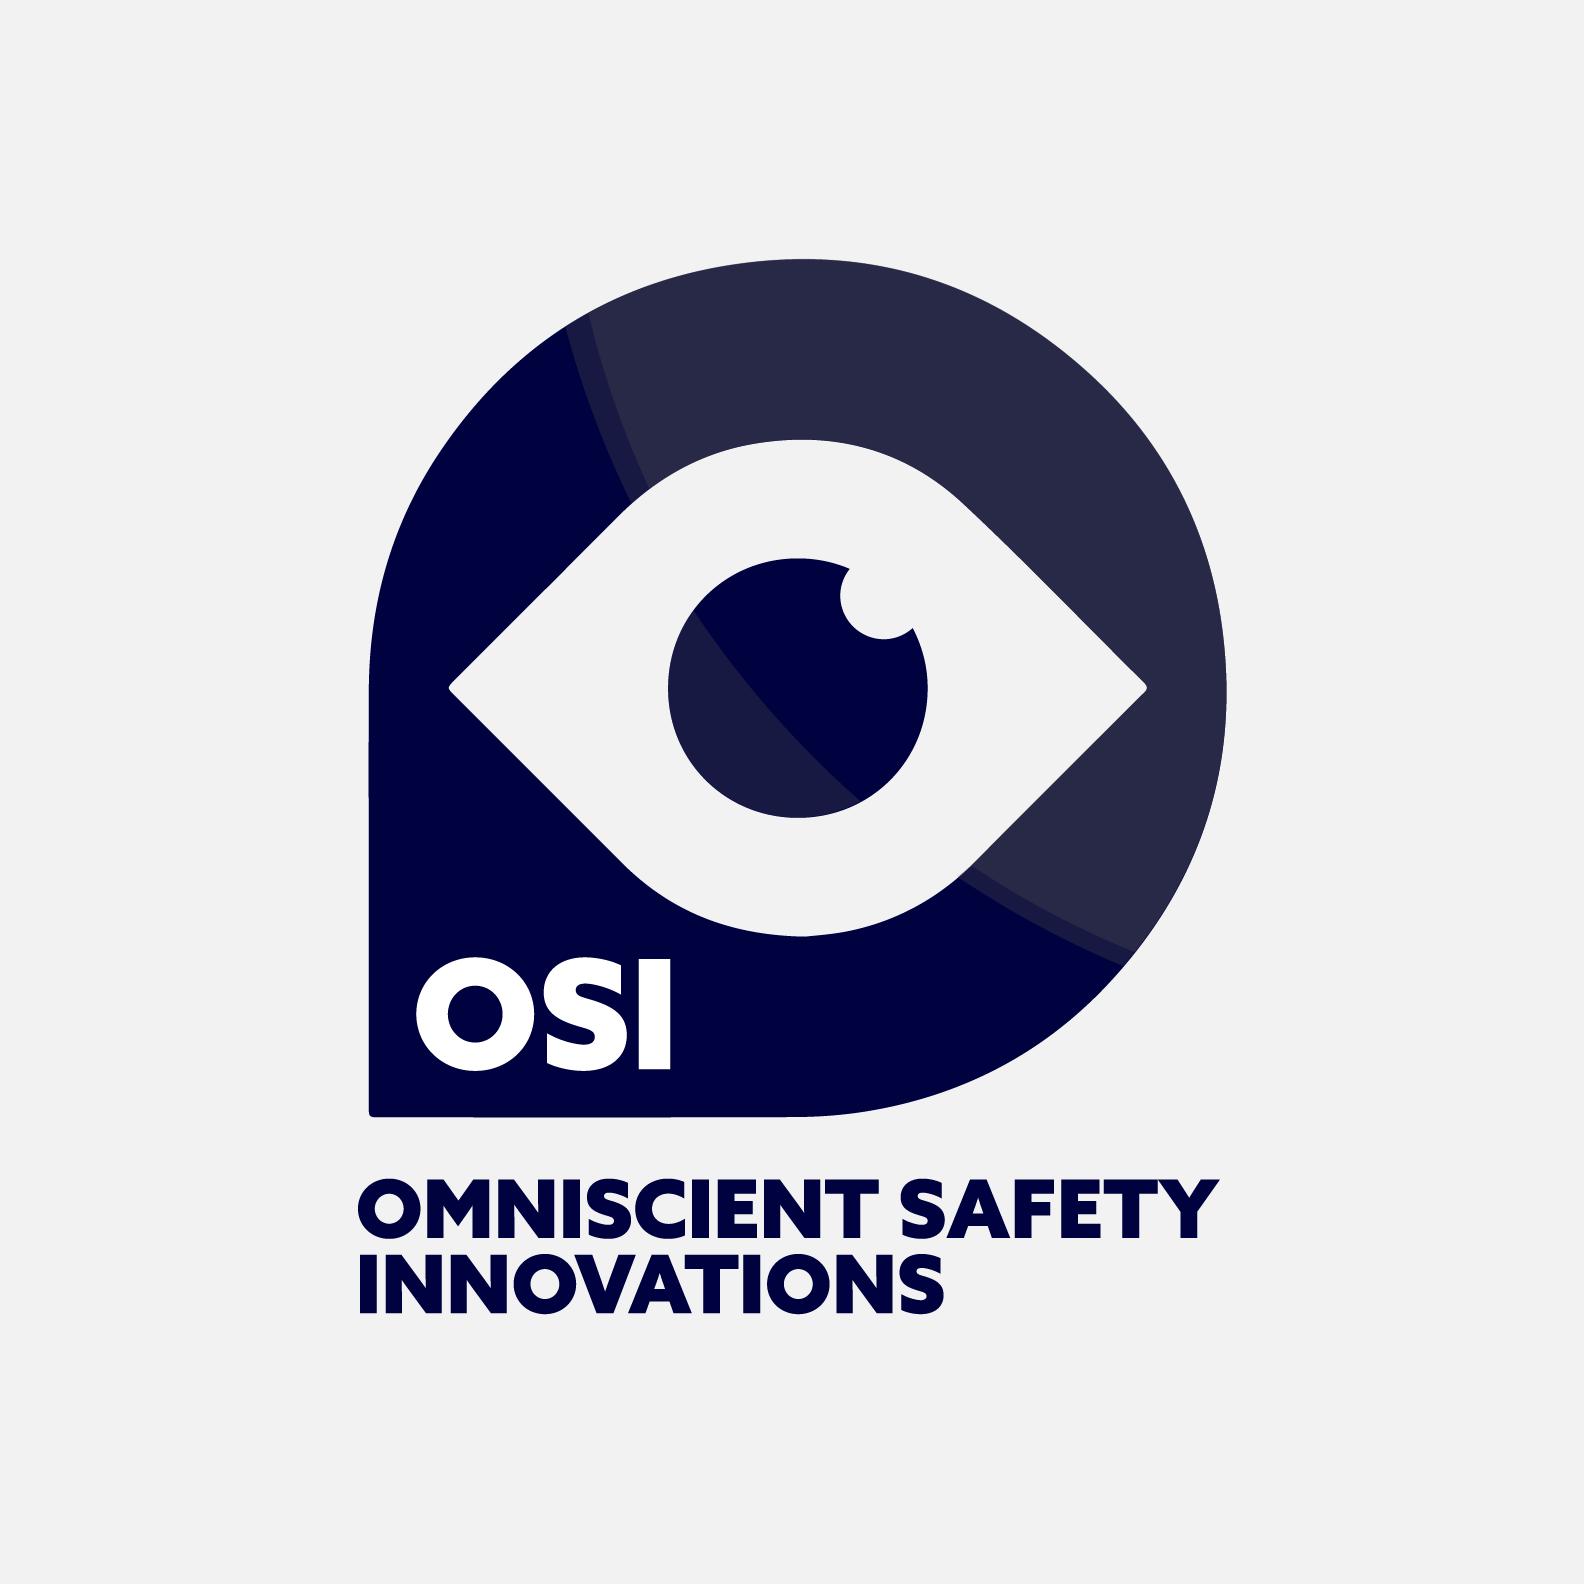 Omniscient Safety Innovations